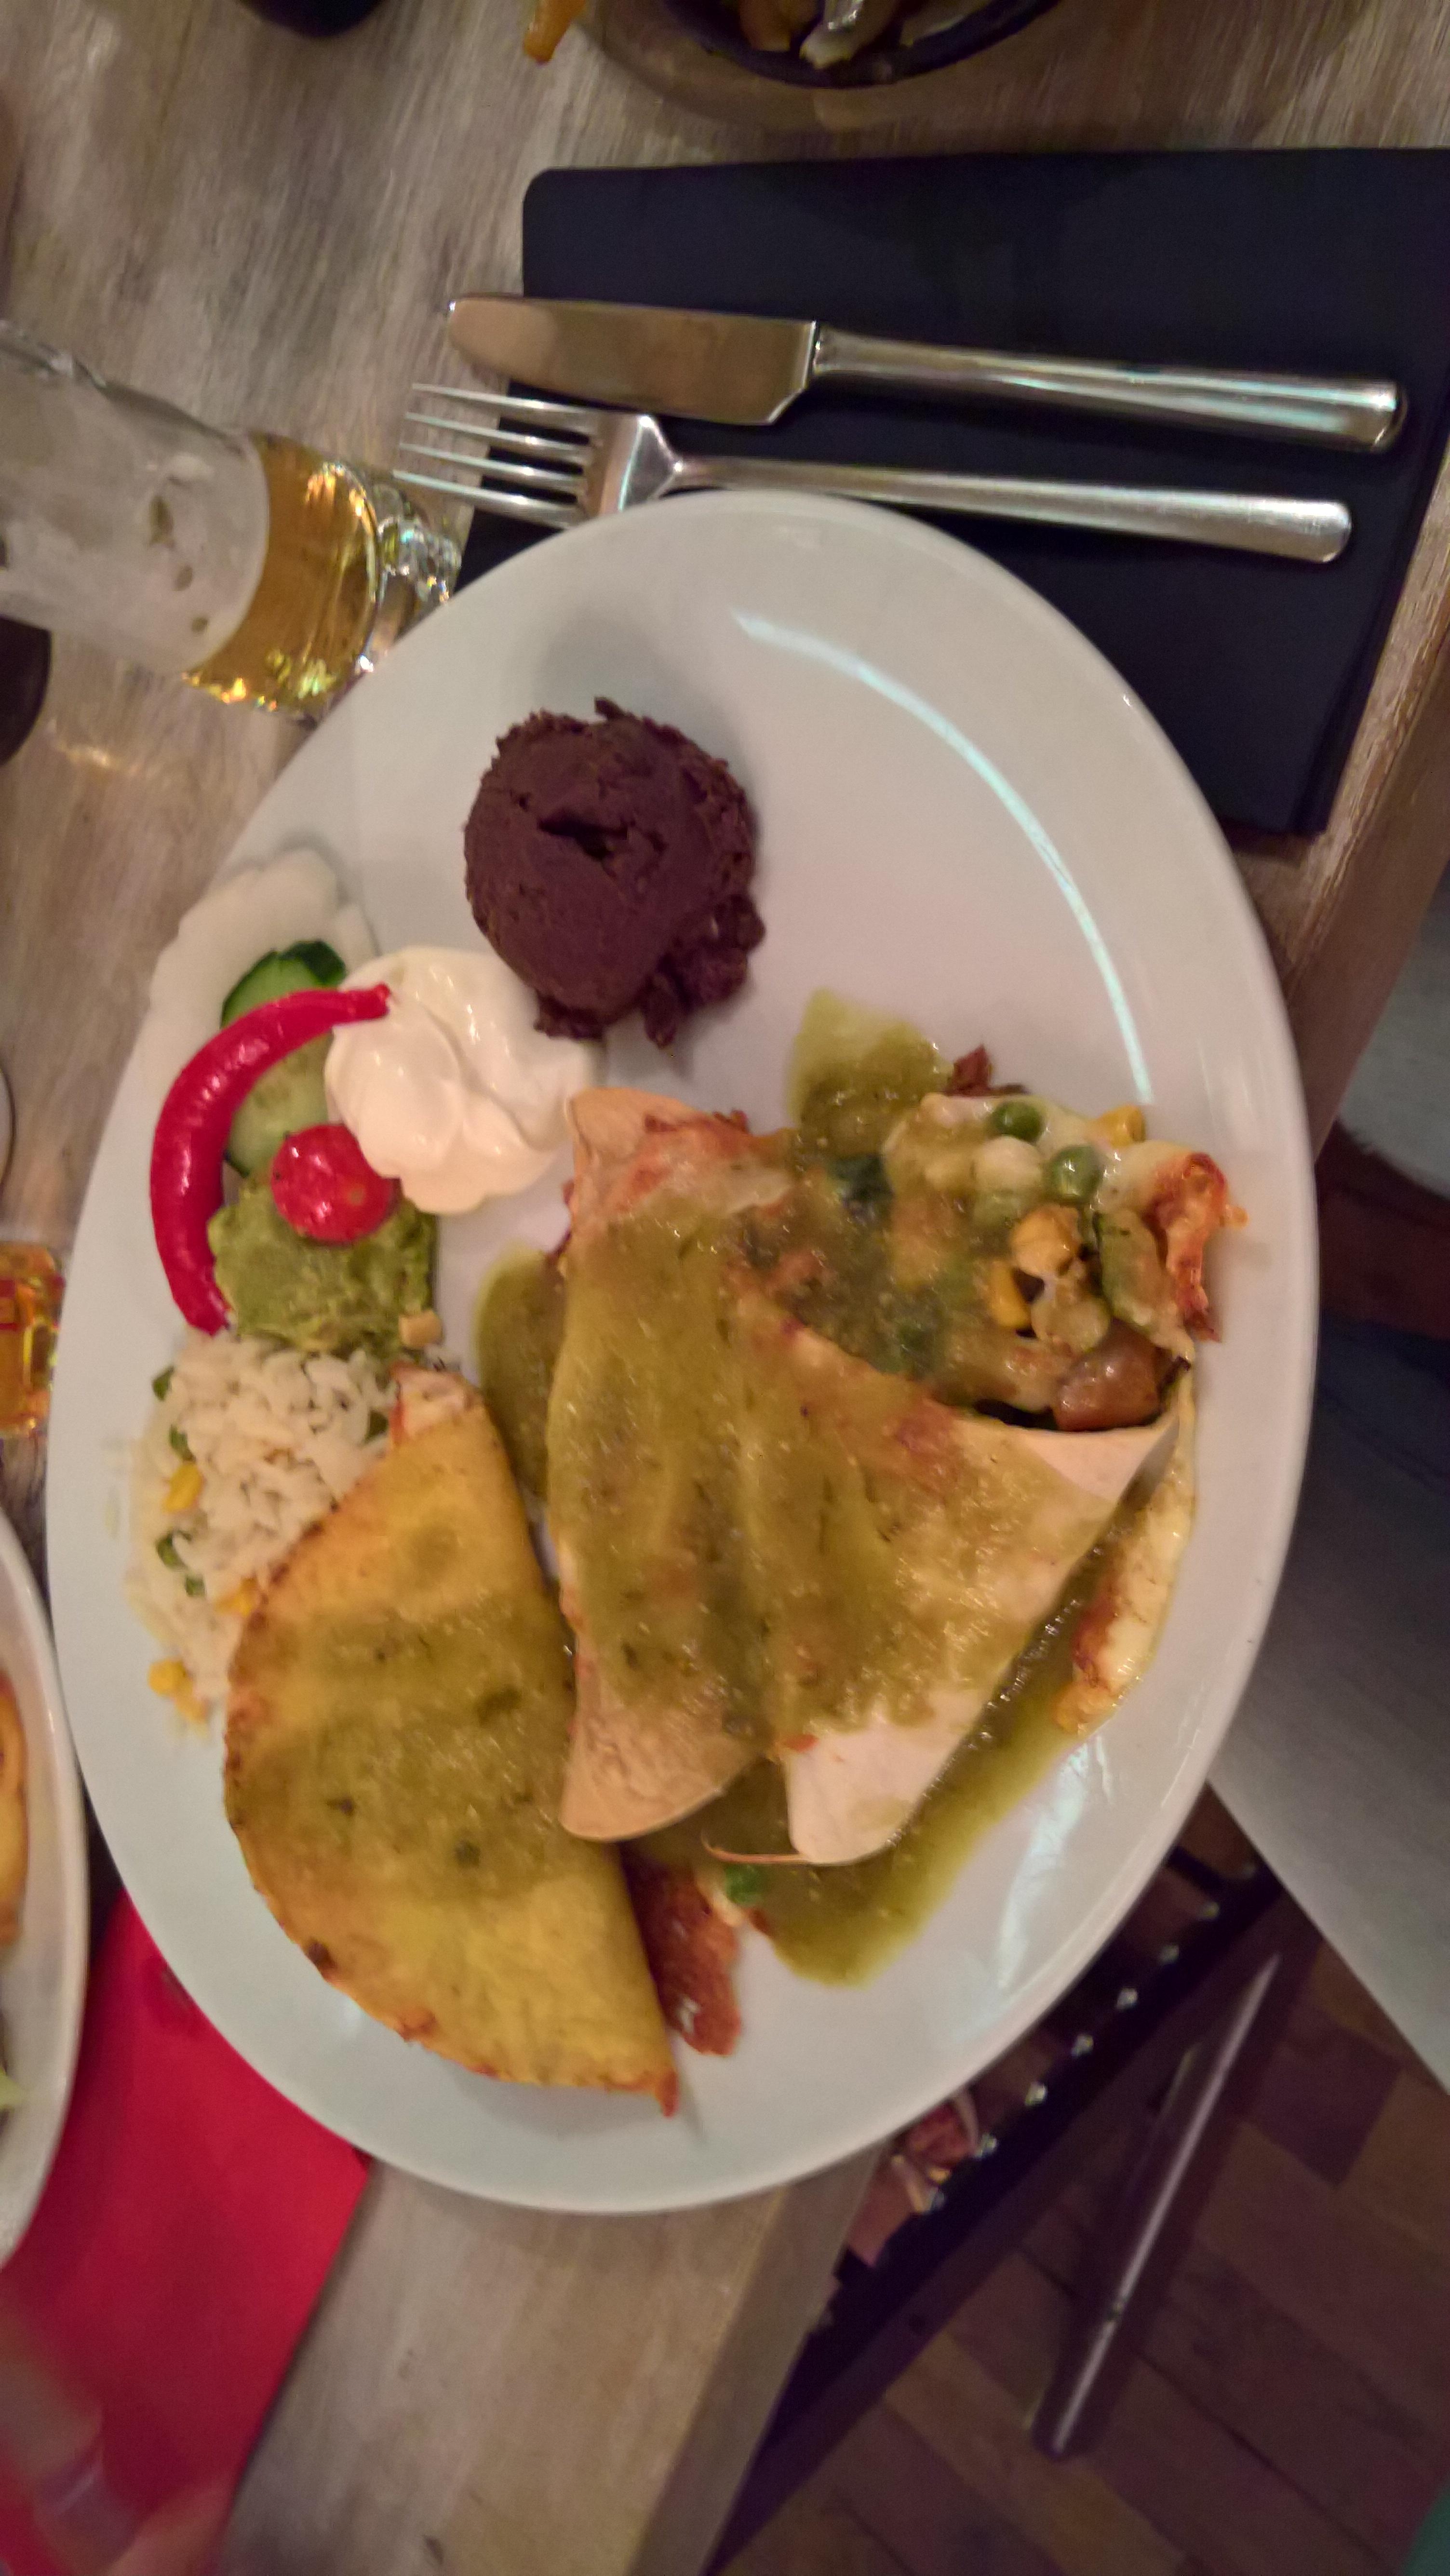 Combinación de la Casa für 18,50 €. Ein Taco mit Hähnchenfleisch, eine Flauta de picadillo und hausmarinierte Spare-Ribs.